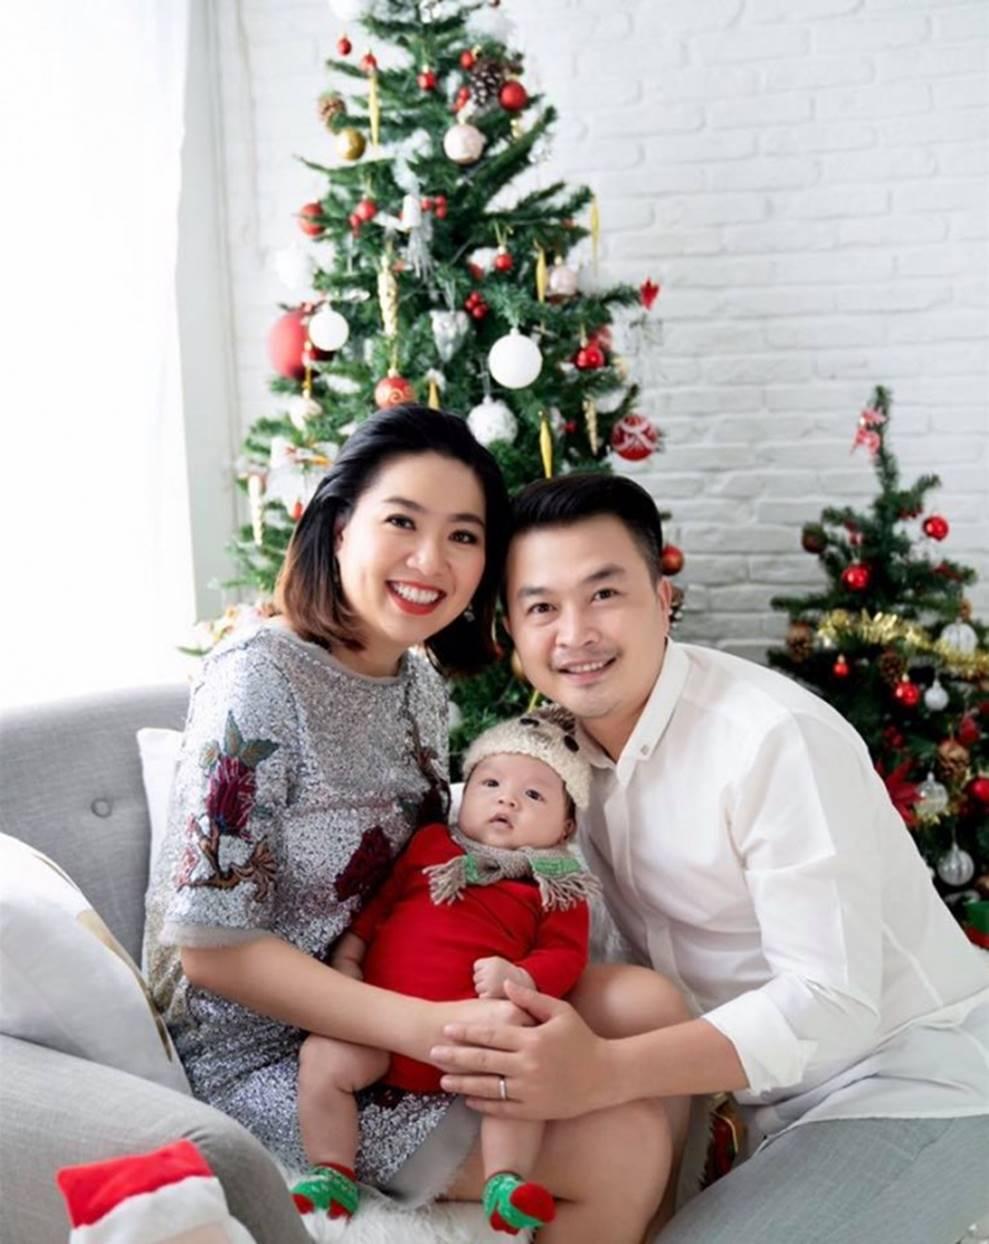 Vợ chồng Lê Khánh thực hiện bộ ảnh ý nghĩa trong lần đầu tiên con trai được đón Noel-2